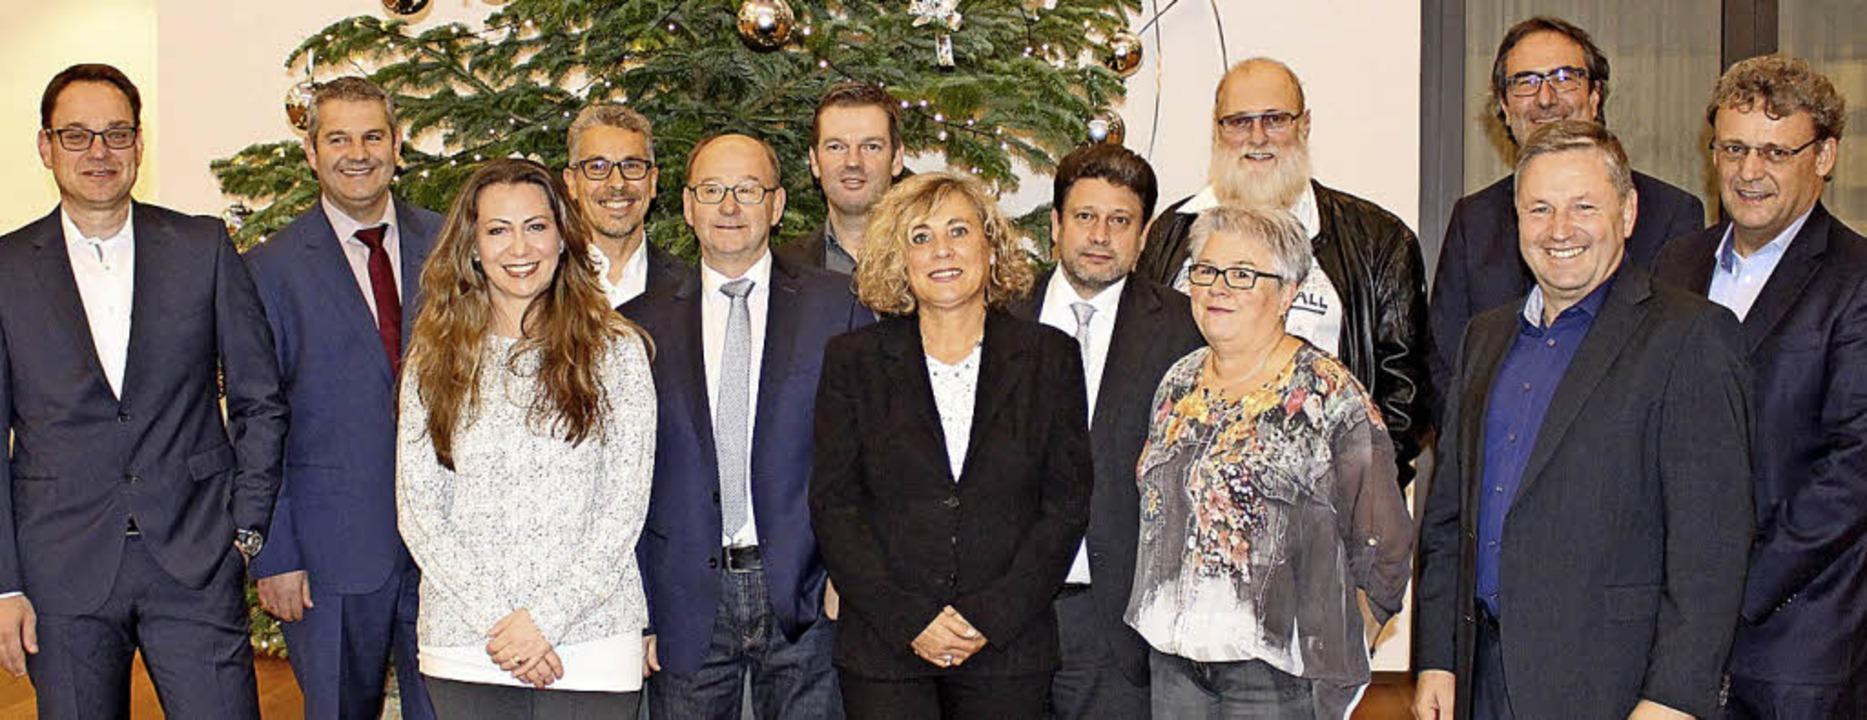 Jörg Dehler (links), Vorstandssprecher...Mitarbeiterinnen und Mitarbeiter aus.   | Foto: Privat